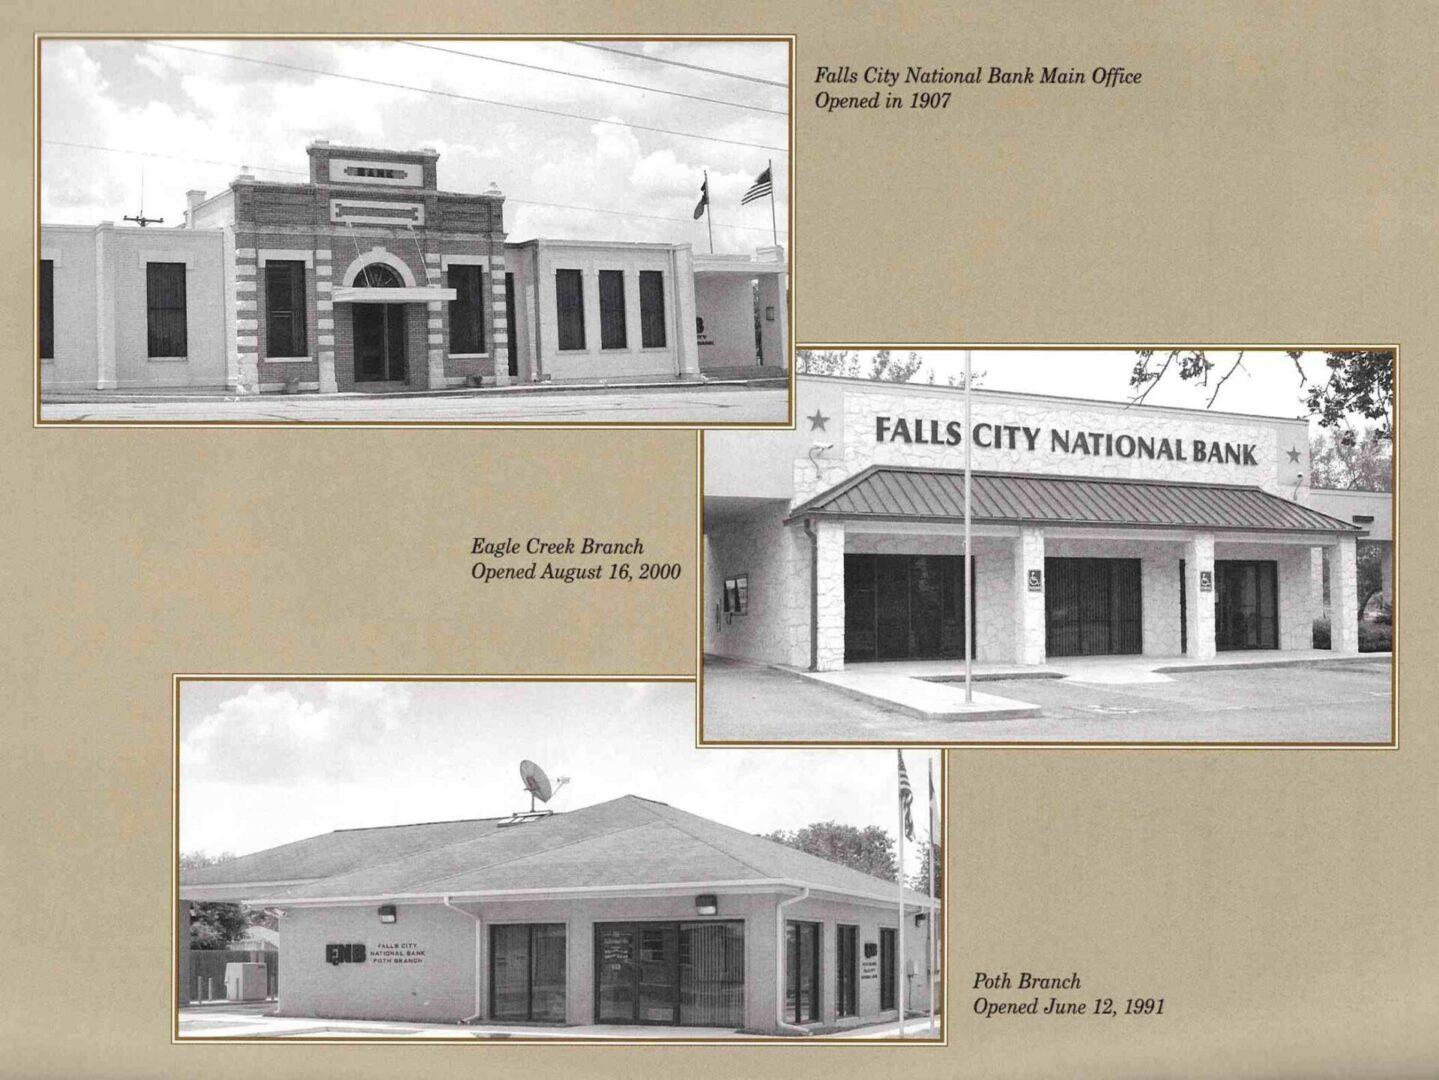 Falls City National Bank